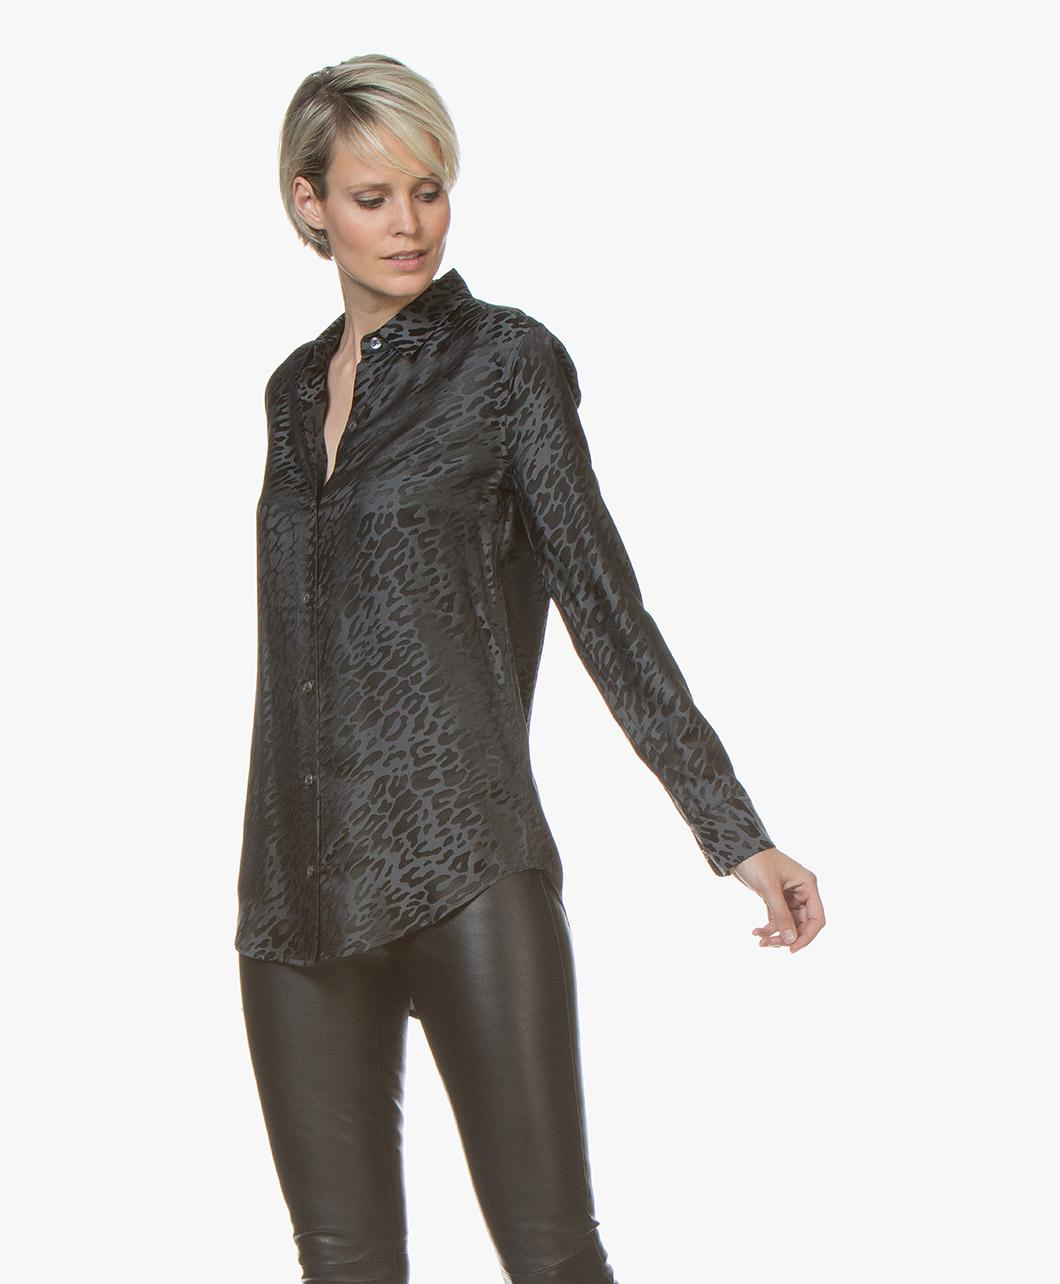 92e9f827a34d45 Equipment Essential Silk Blend Jacquard Blouse - Black Multi -  18-4-003359-e900 true multi - true multi